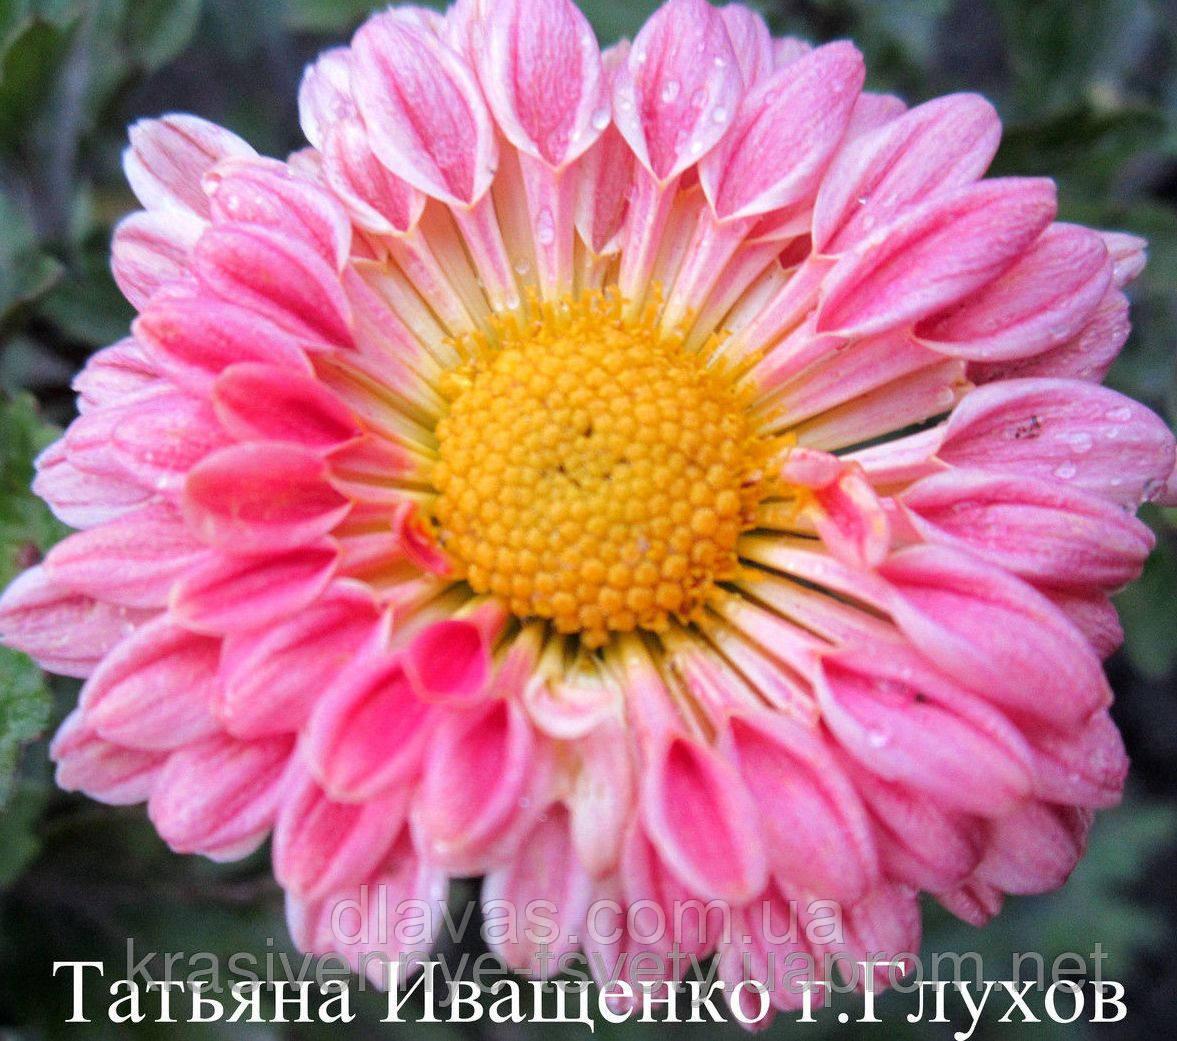 Хризантема корейская С АВГУСТА